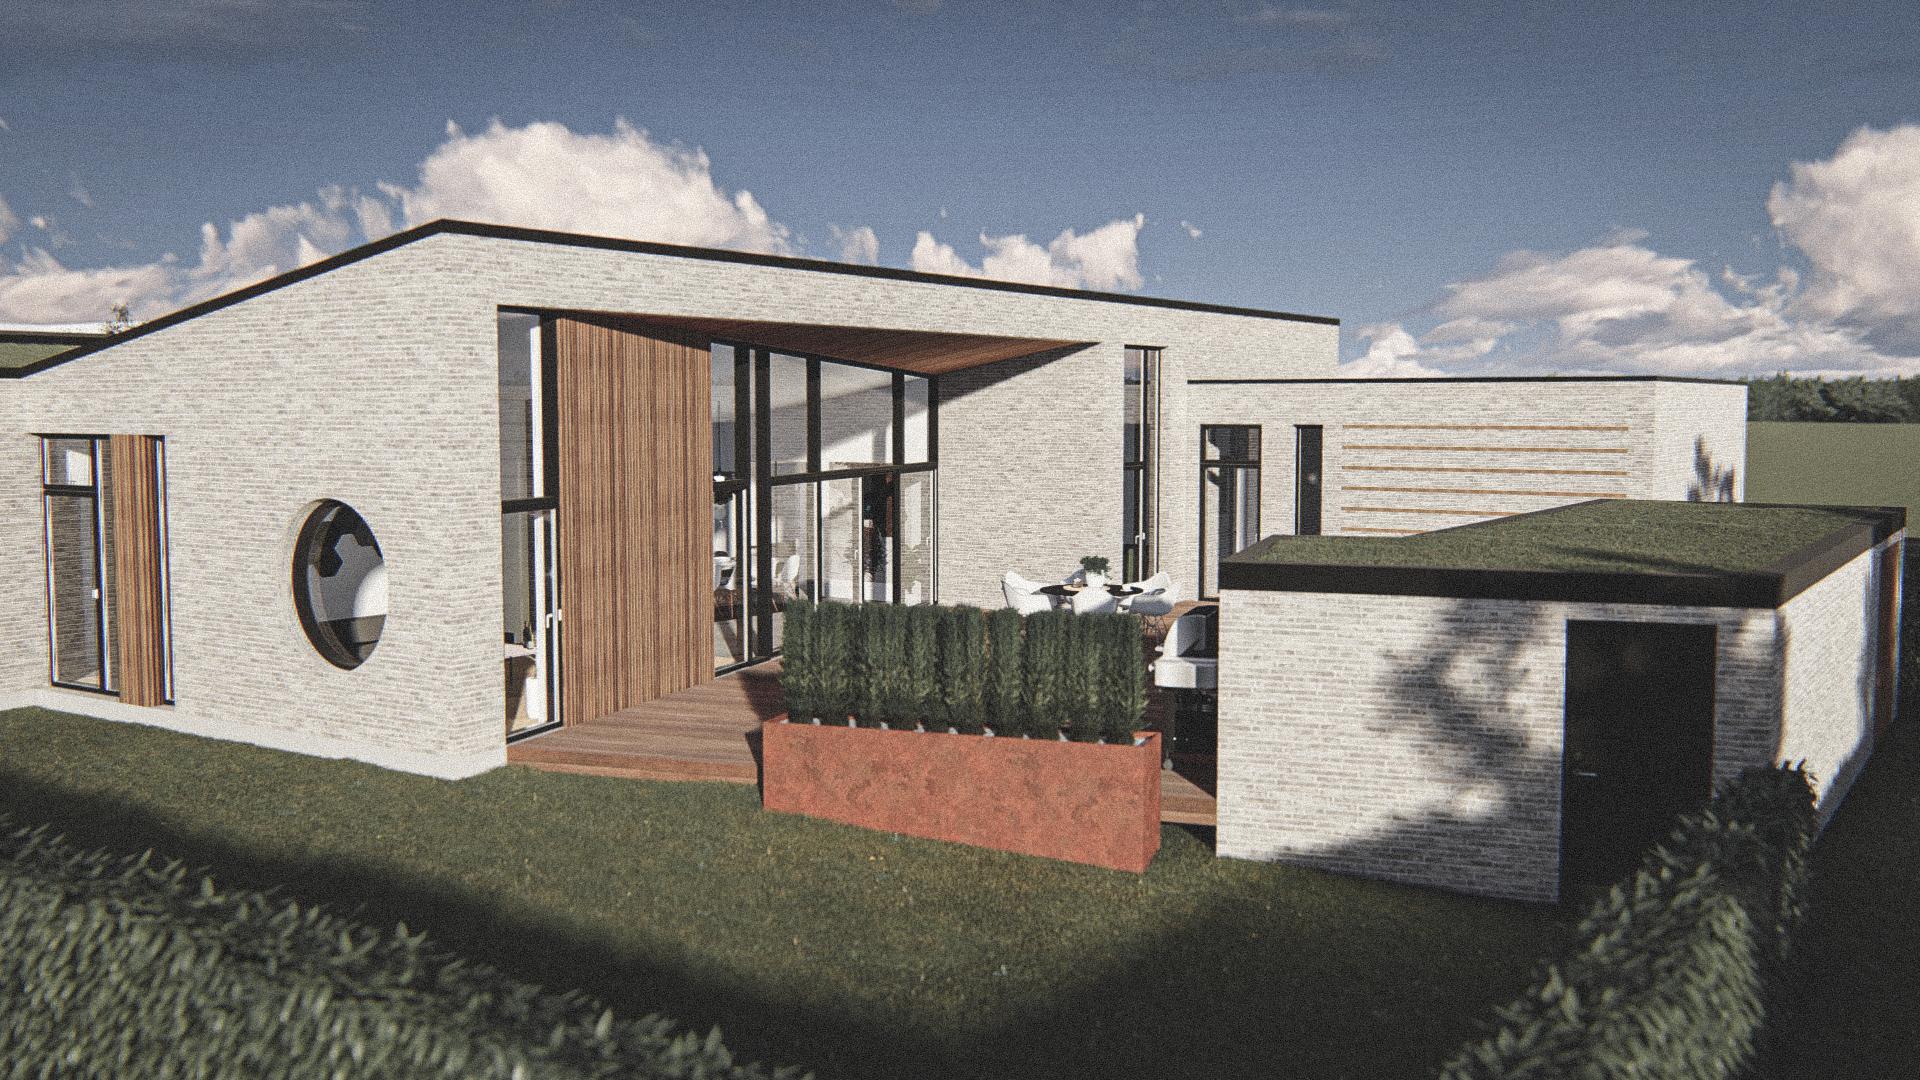 Billede af Dansk arkitekttegnet 1 plan villa af arkitektfirmaet m2plus, i Holstebro på 200 kvartratmeter.